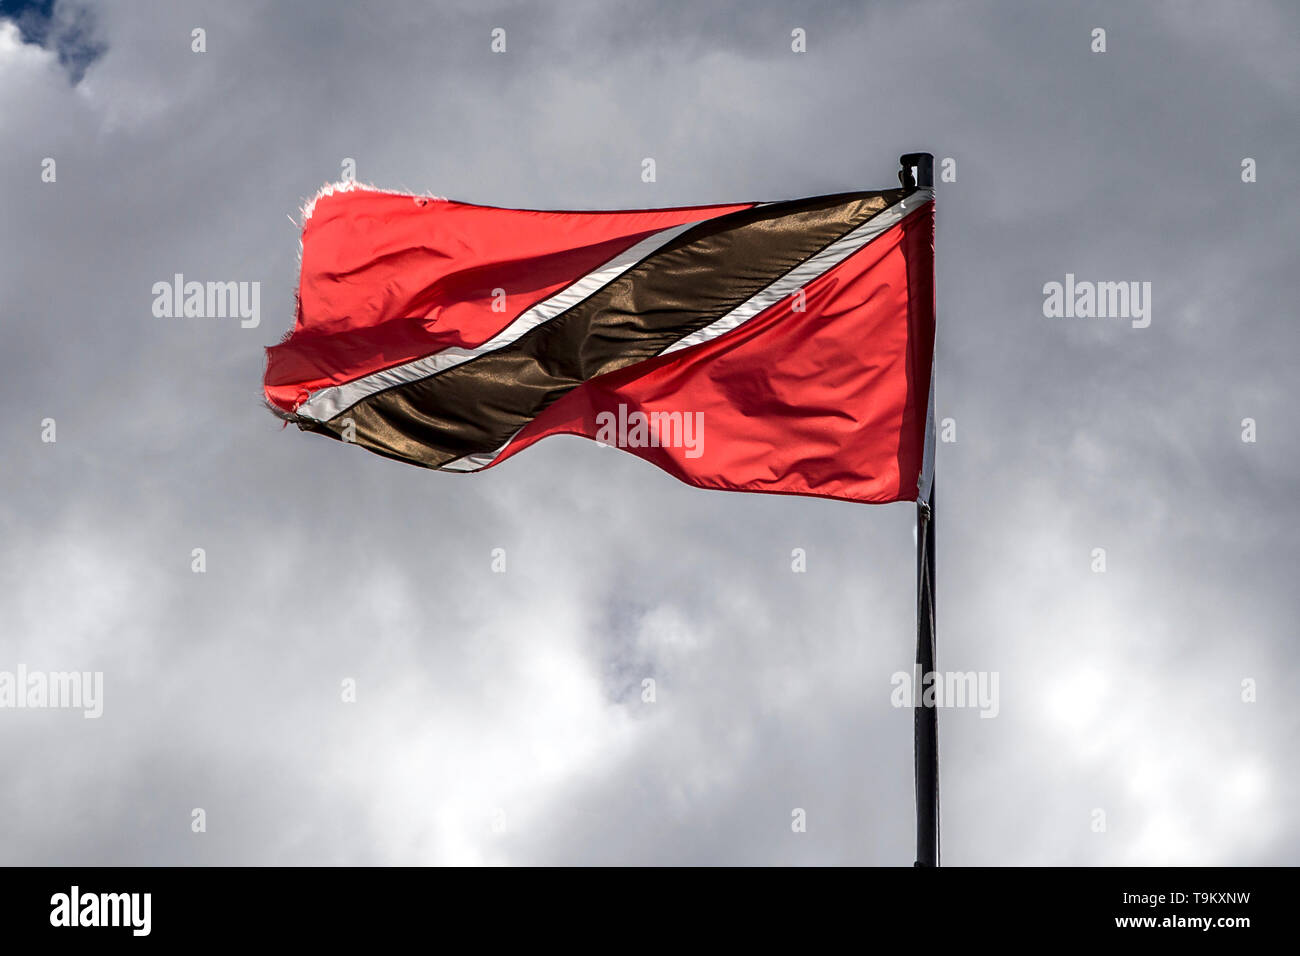 Tinidad & Tobago Flag - Stock Image